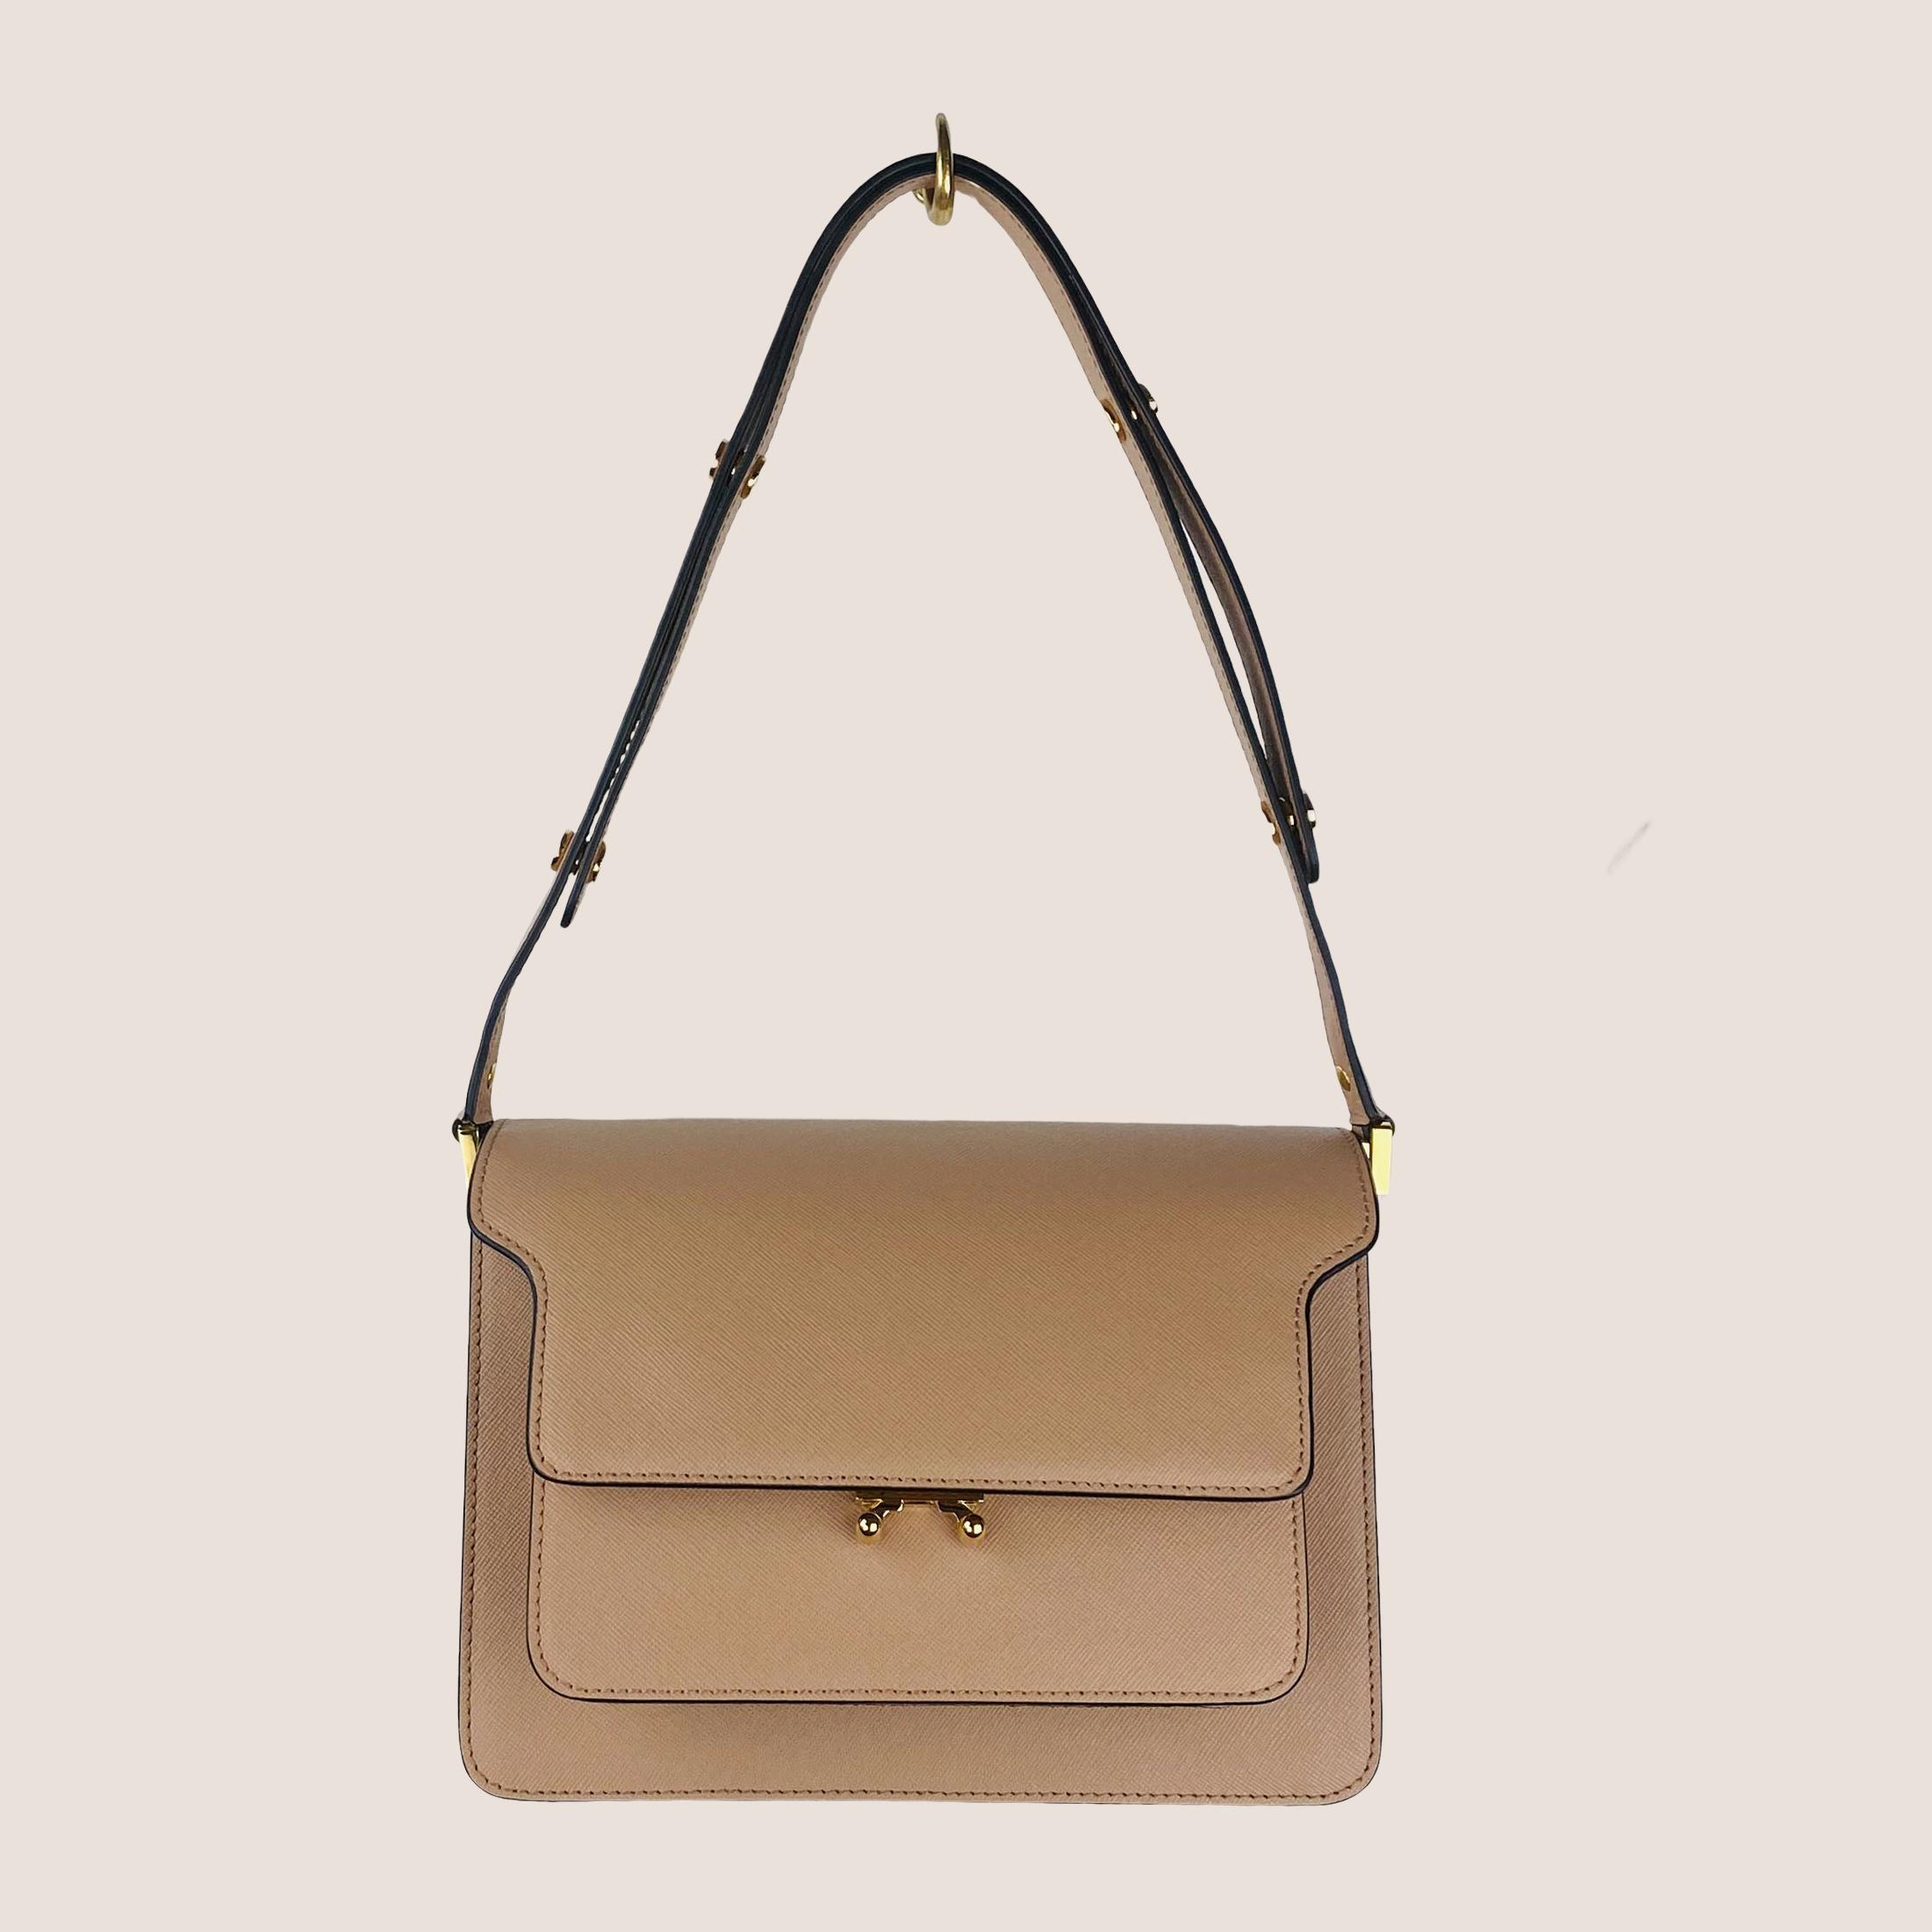 Trunk Bag Small - Saffiano